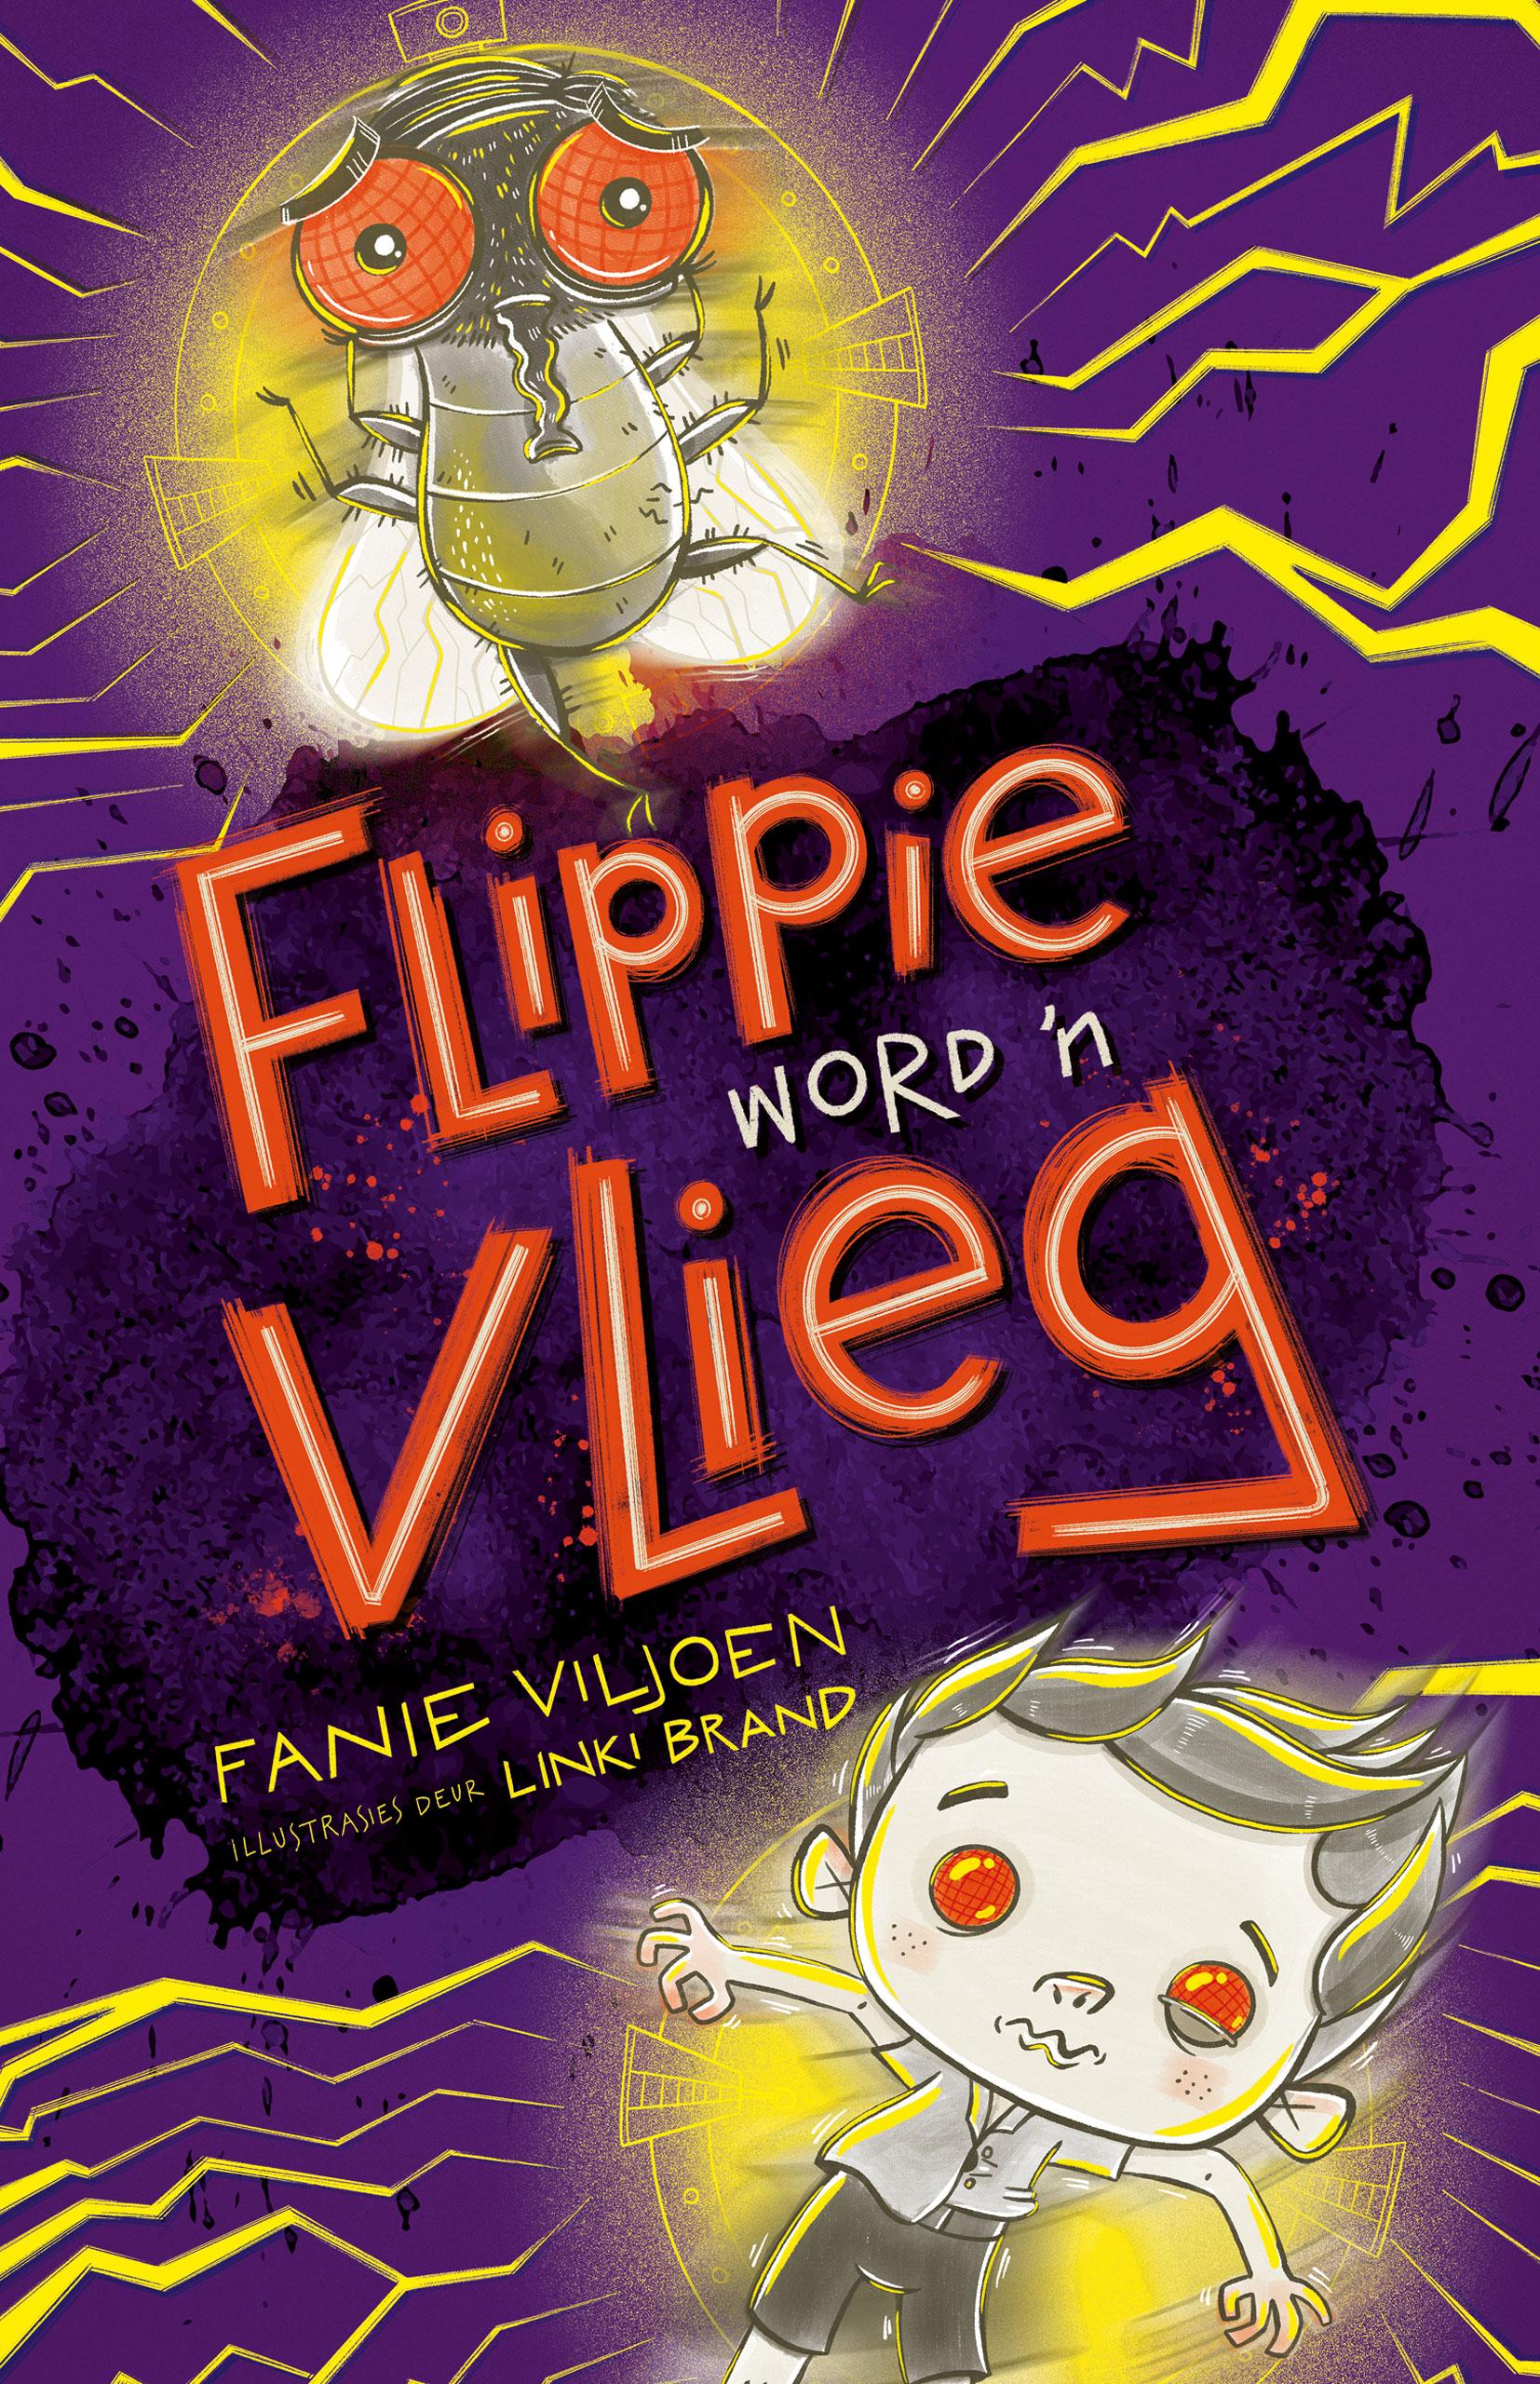 Flippie Word 'n Vlieg